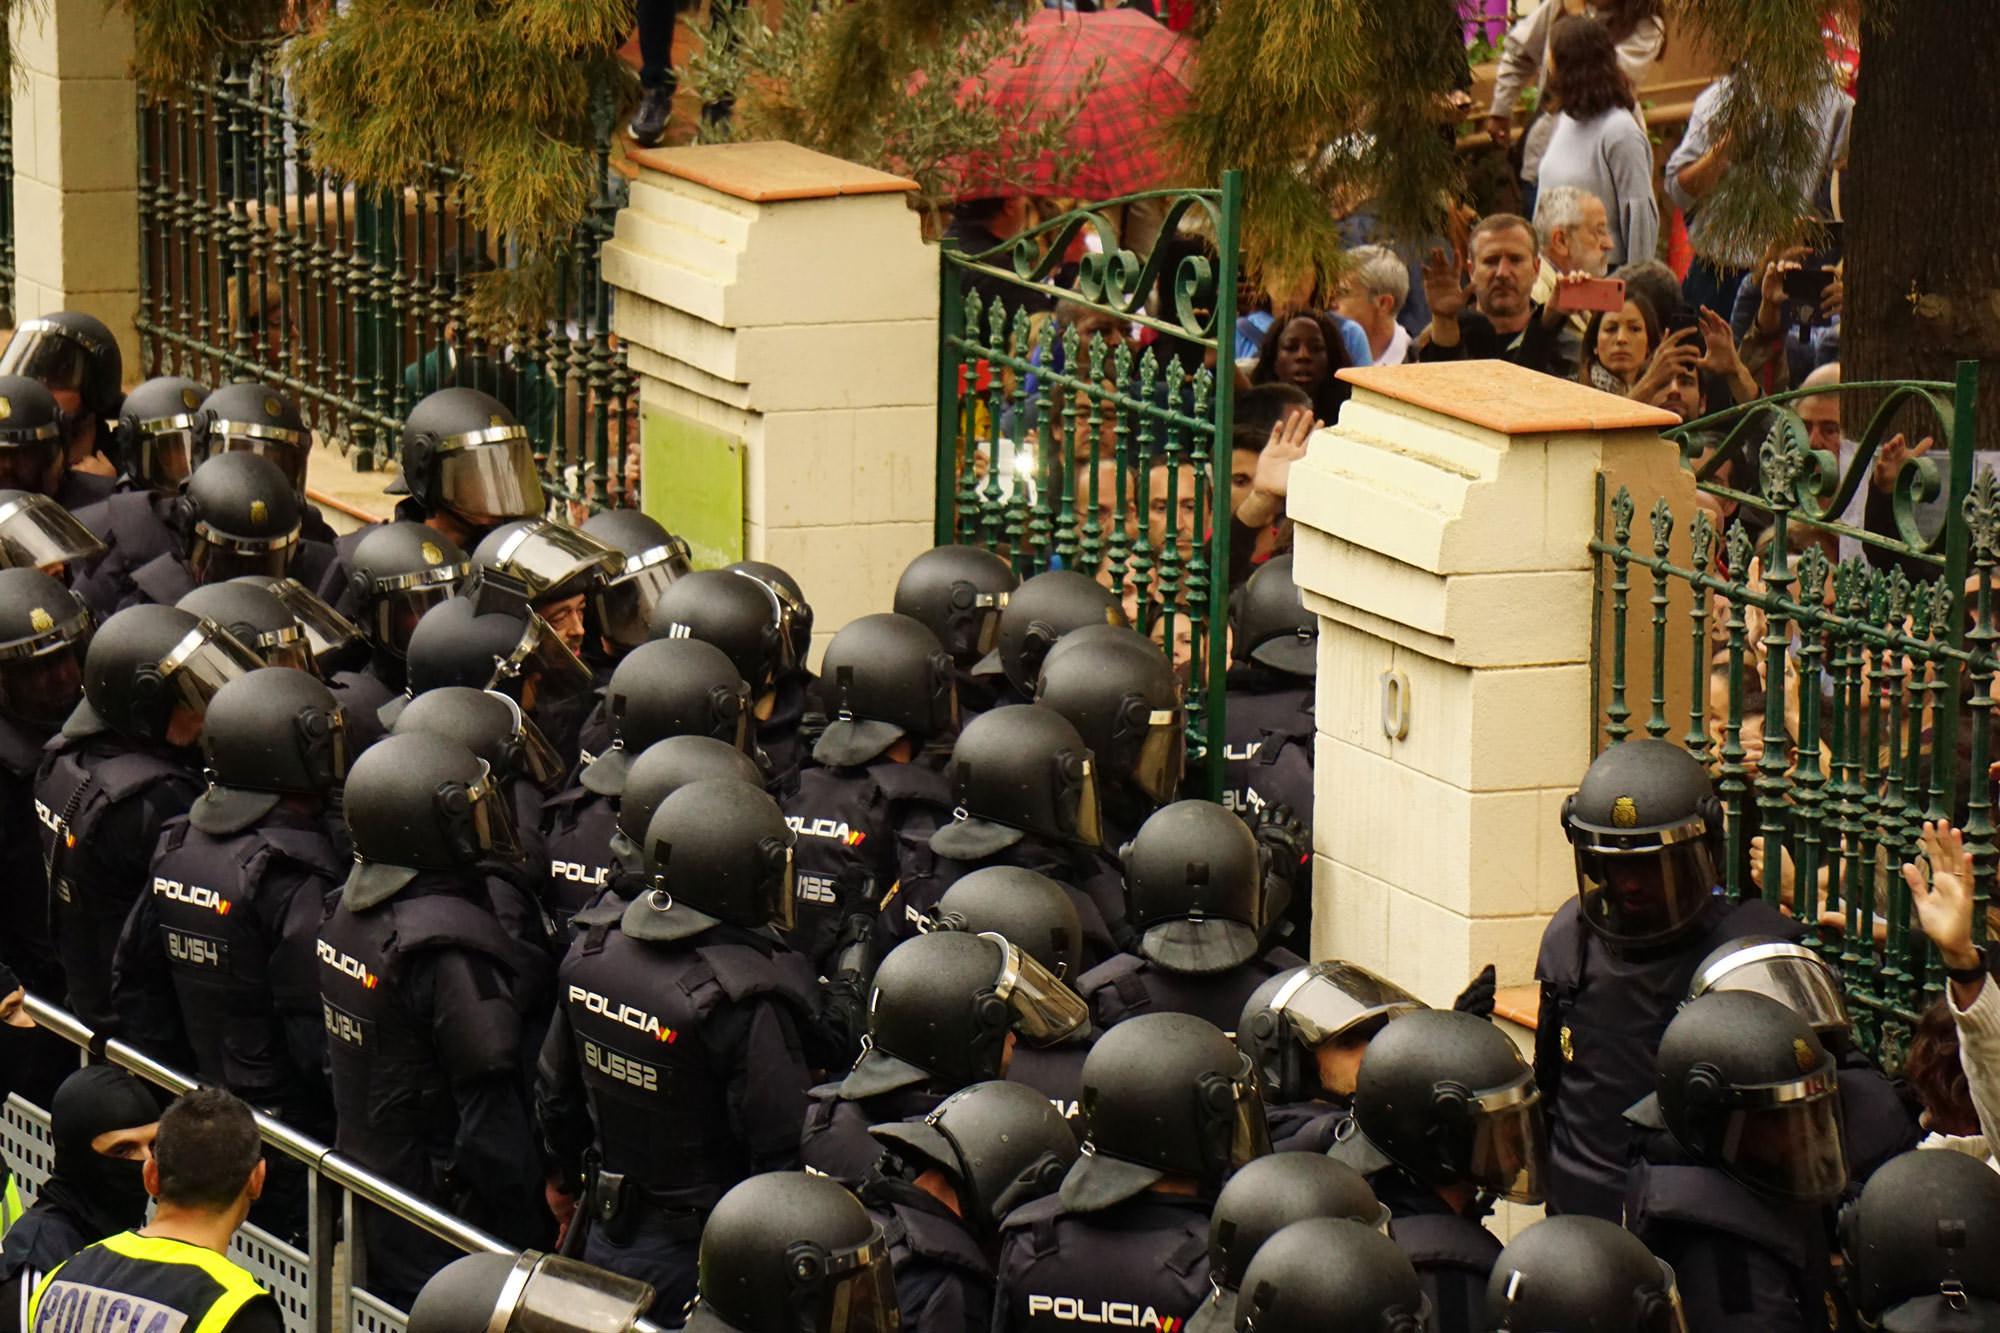 Spanish riot police in Catalunya.